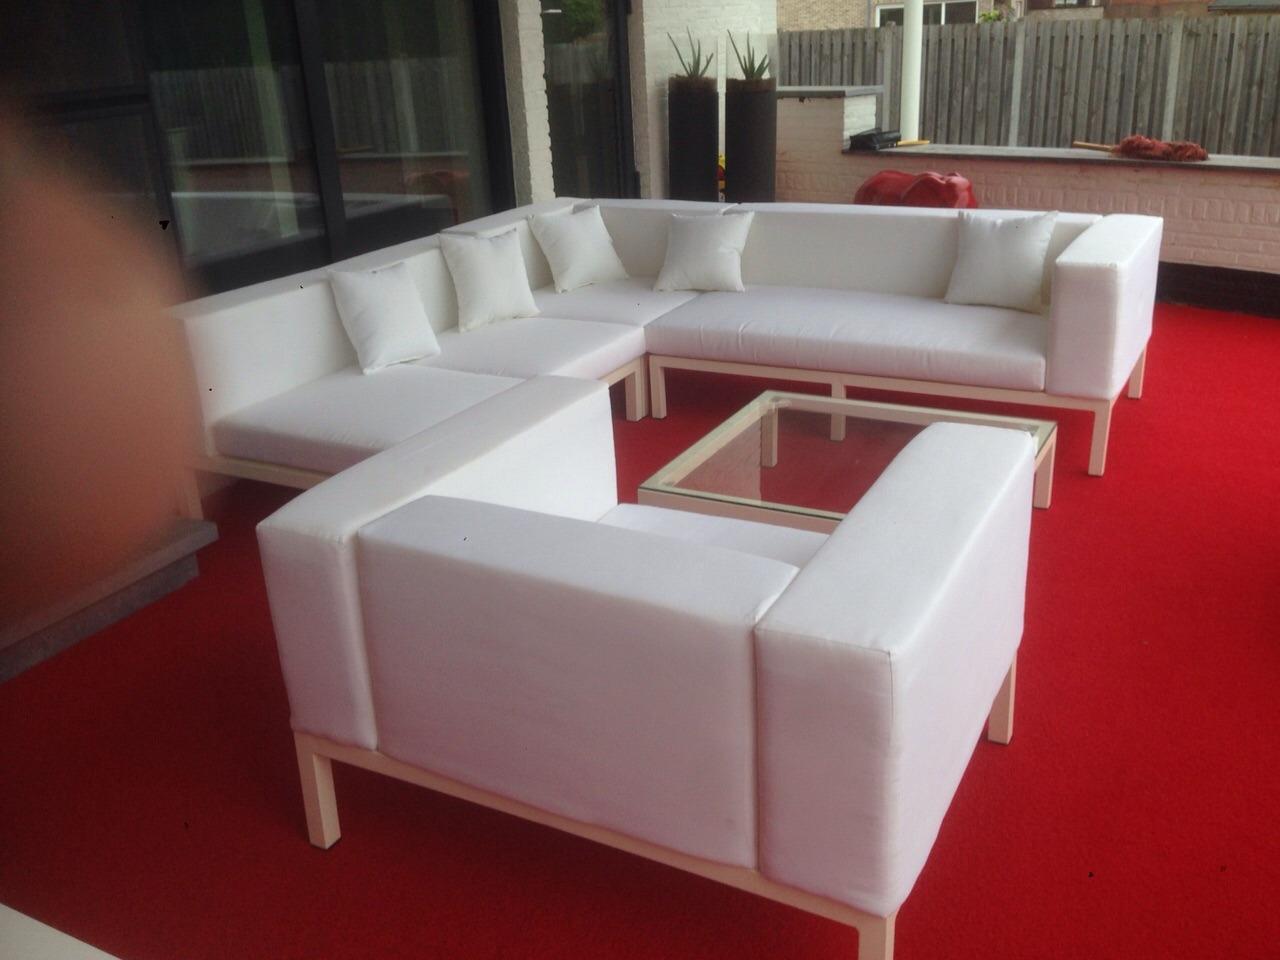 Loungeset Monaco bezorgd in Renkem (BE).IIJPG